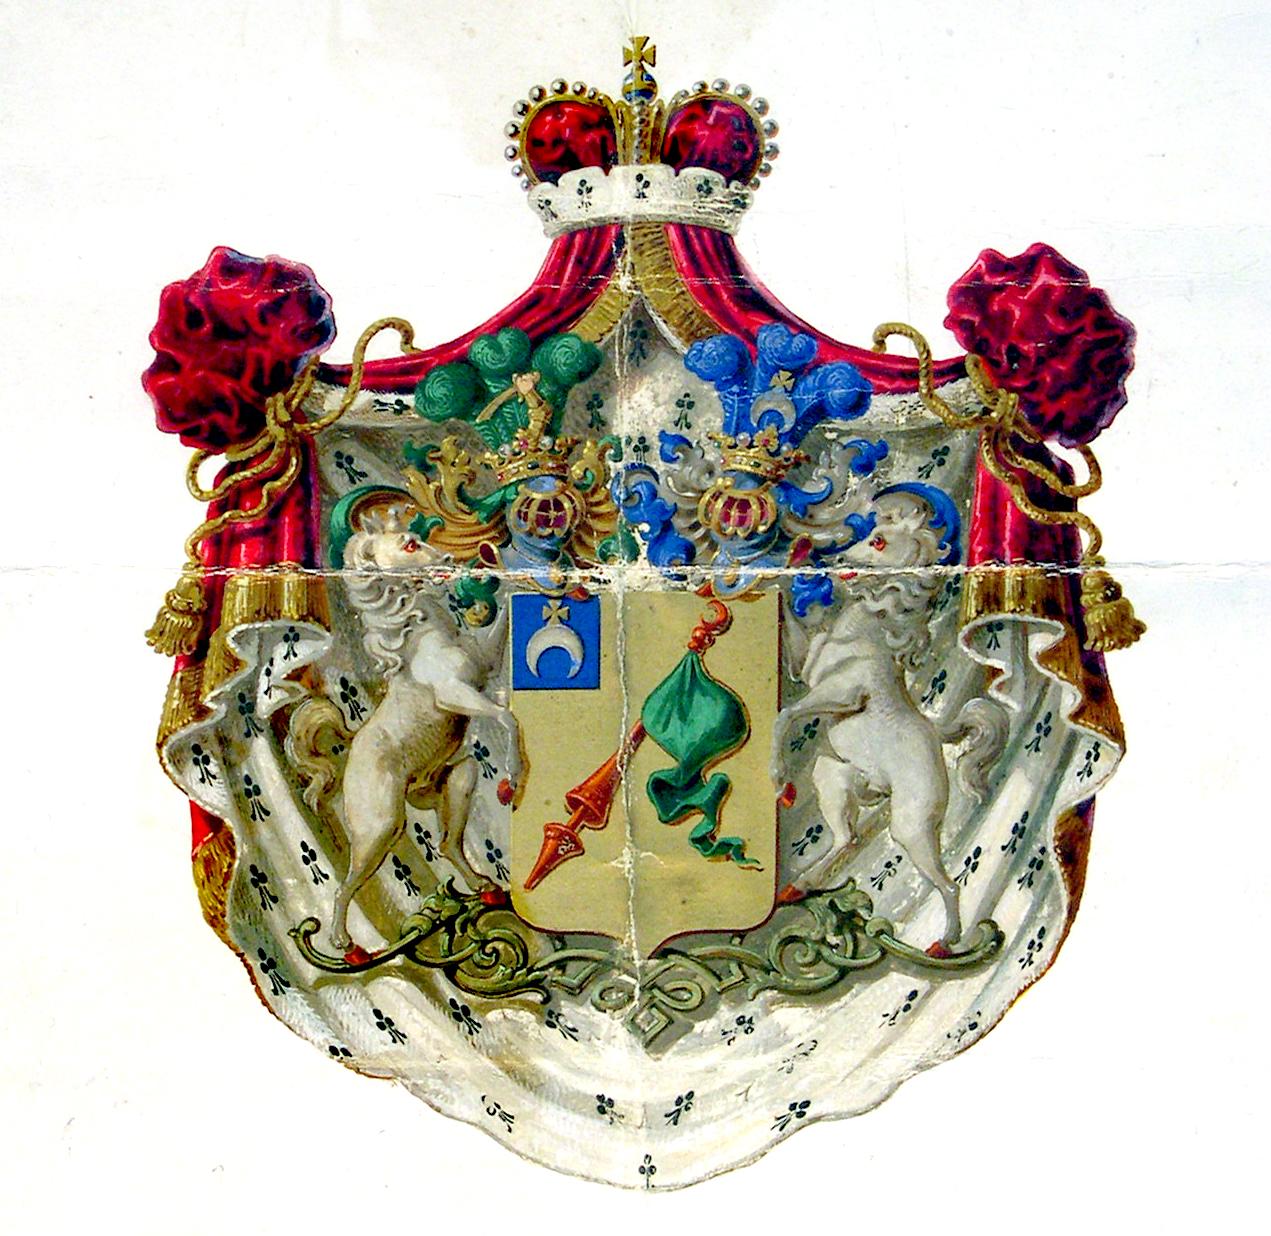 местный фото герба рода качан зеркальных устройств часть